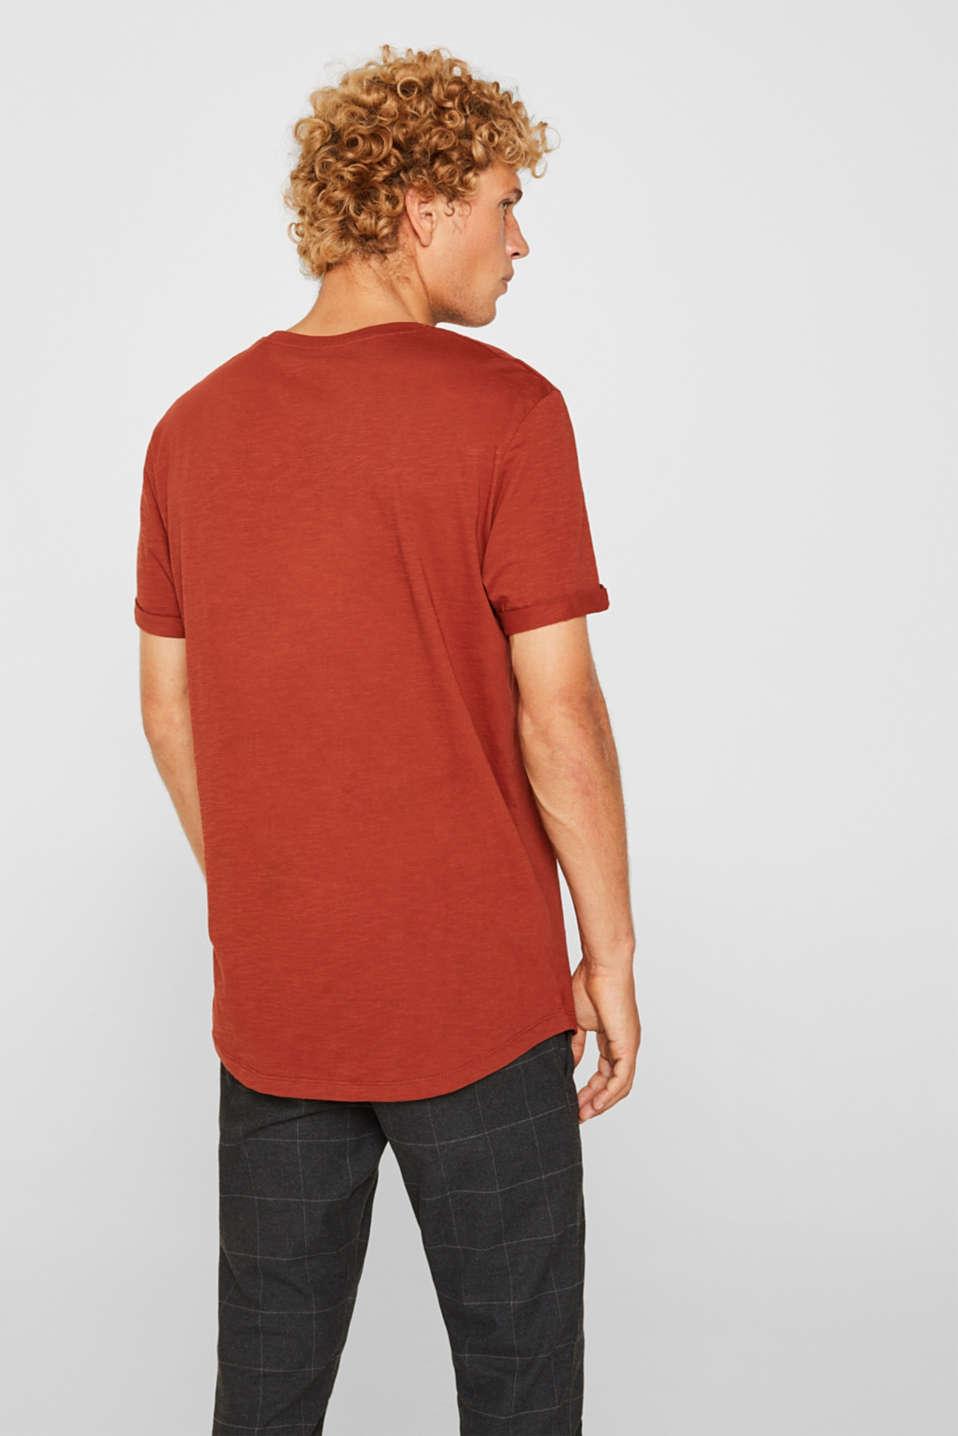 Slub jersey T-shirt in 100% cotton, RUST ORANGE, detail image number 3